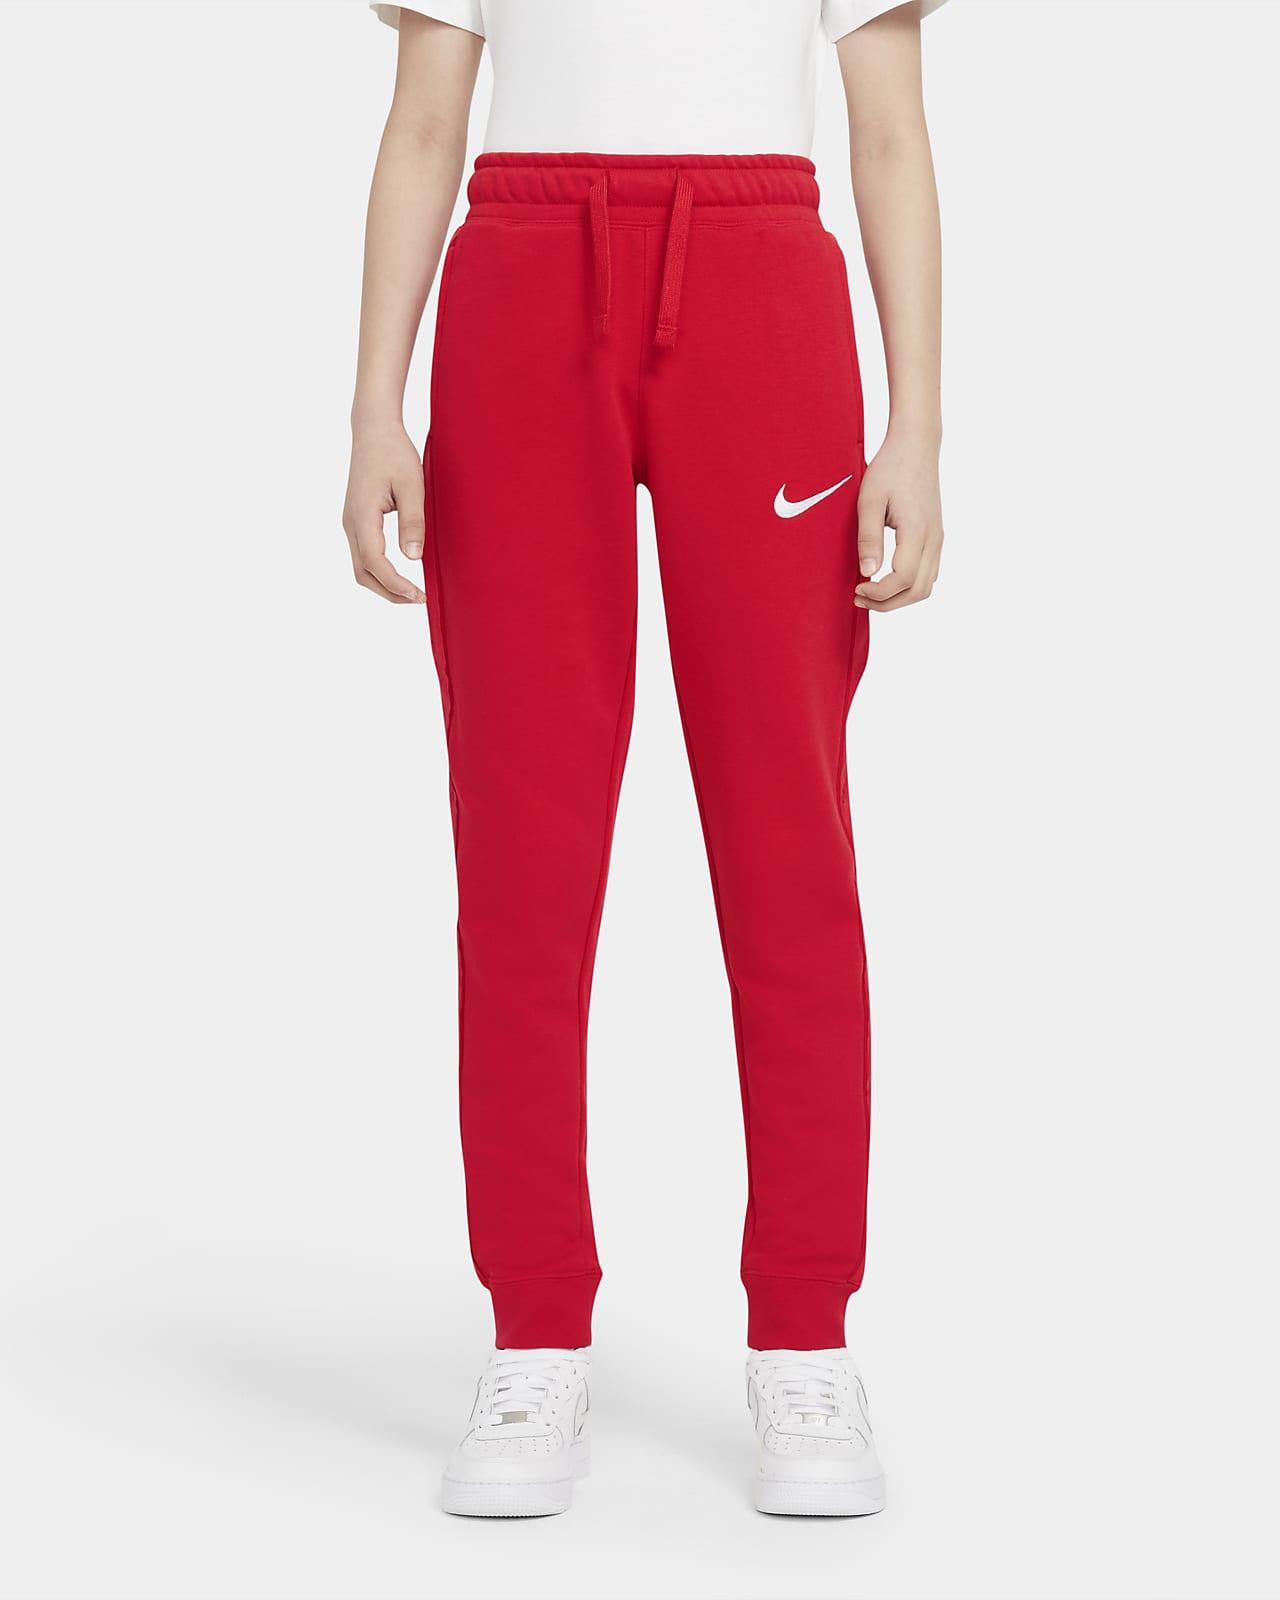 Флисовые брюки для мальчиков школьного возраста Nike Sportswear Swoosh